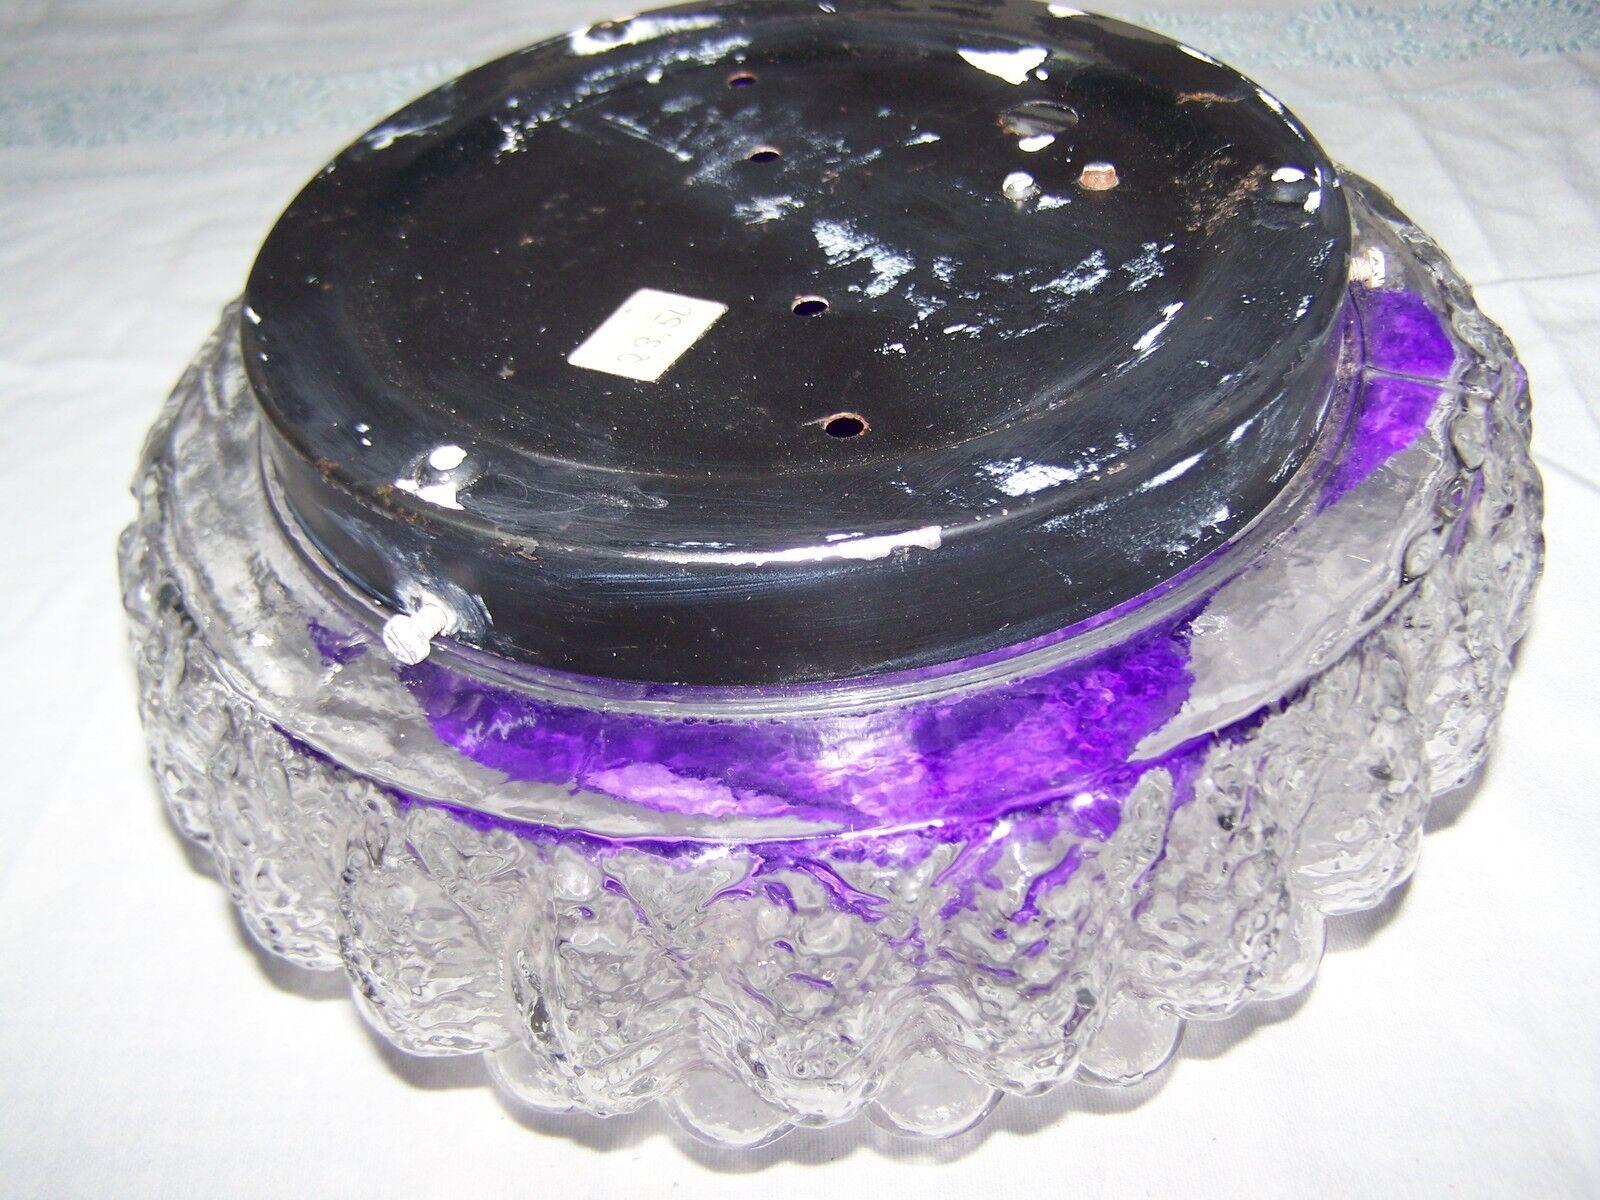 bubble glasschirm f r deckenlampe leuchte 70er jahre sonne eur 12 00 picclick de. Black Bedroom Furniture Sets. Home Design Ideas